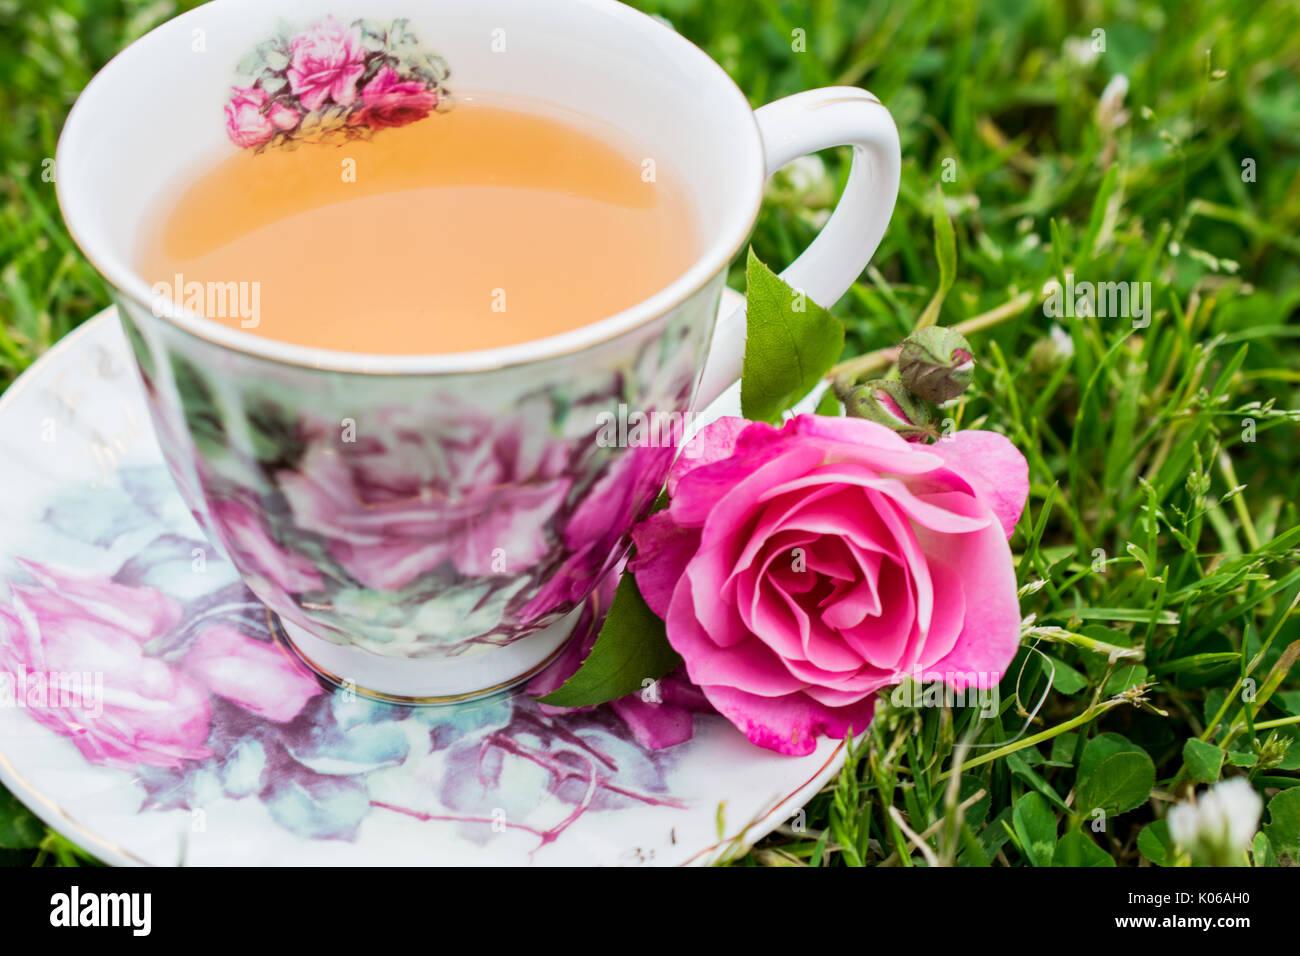 Darjeeling Vittoriano, 1a lavare il tè Darjeeling è uno dei migliori tè nel mondo. Il tè Darjeeling è noto anche come lo champagne del tè. Immagini Stock